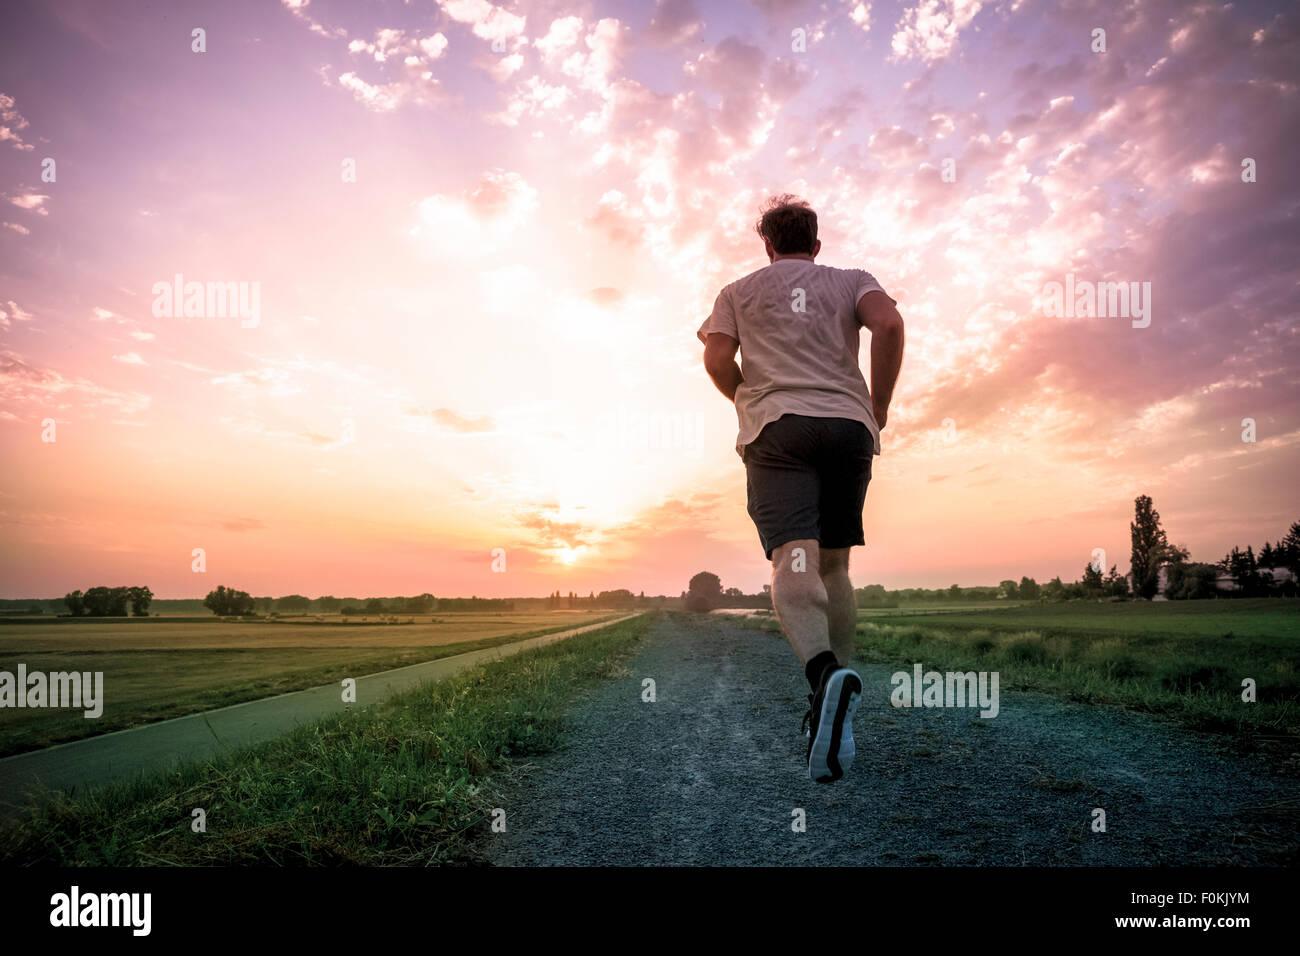 Vista trasera del hombre footing al atardecer Imagen De Stock